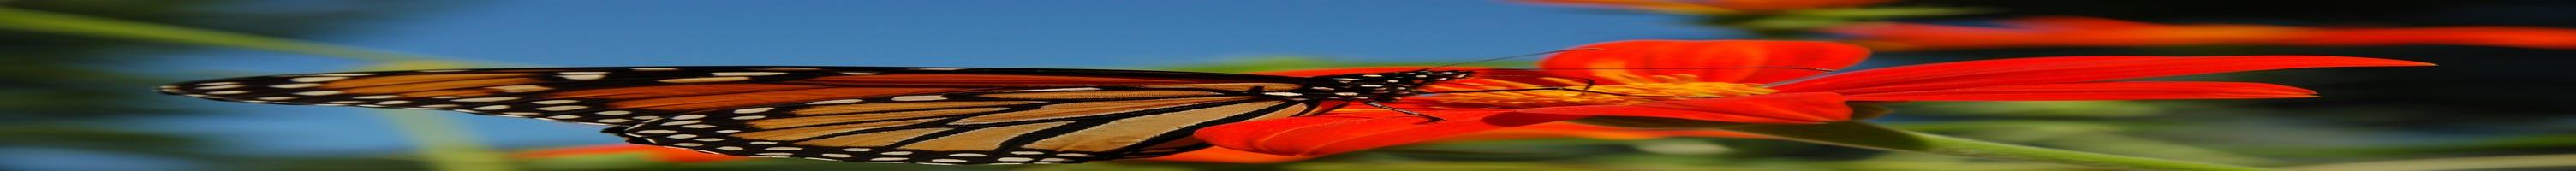 Butterfly Wonderland in Scottsdale working to educate on plight of butterflies